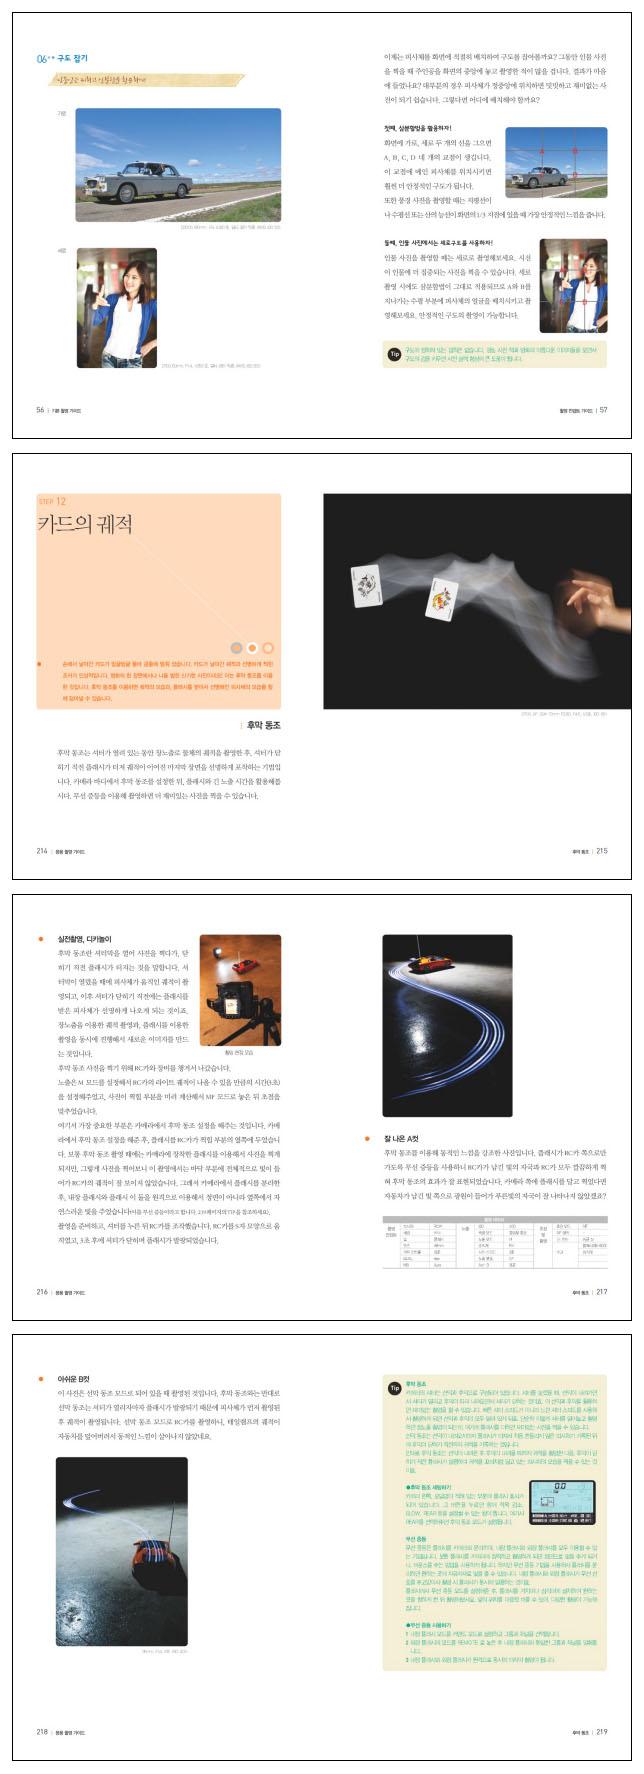 니콘 포토스쿨 공식 DSLR 가이드북 도서 상세이미지